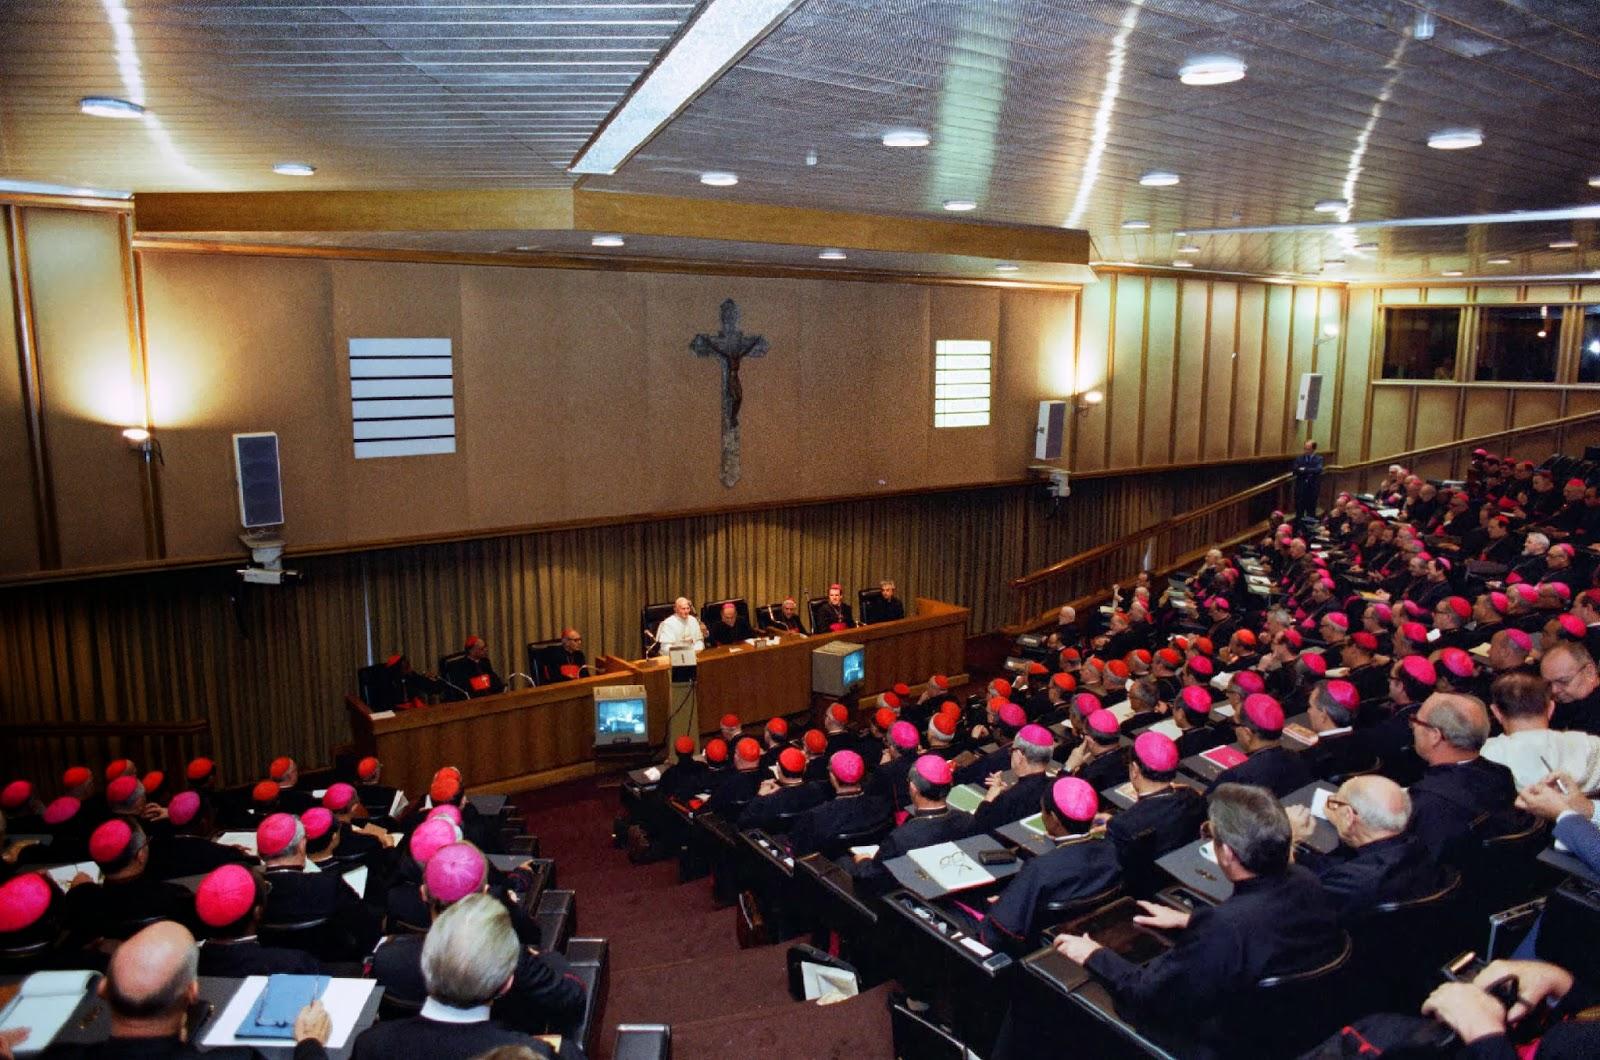 01720_SINODO1980+-+synod+hall+2